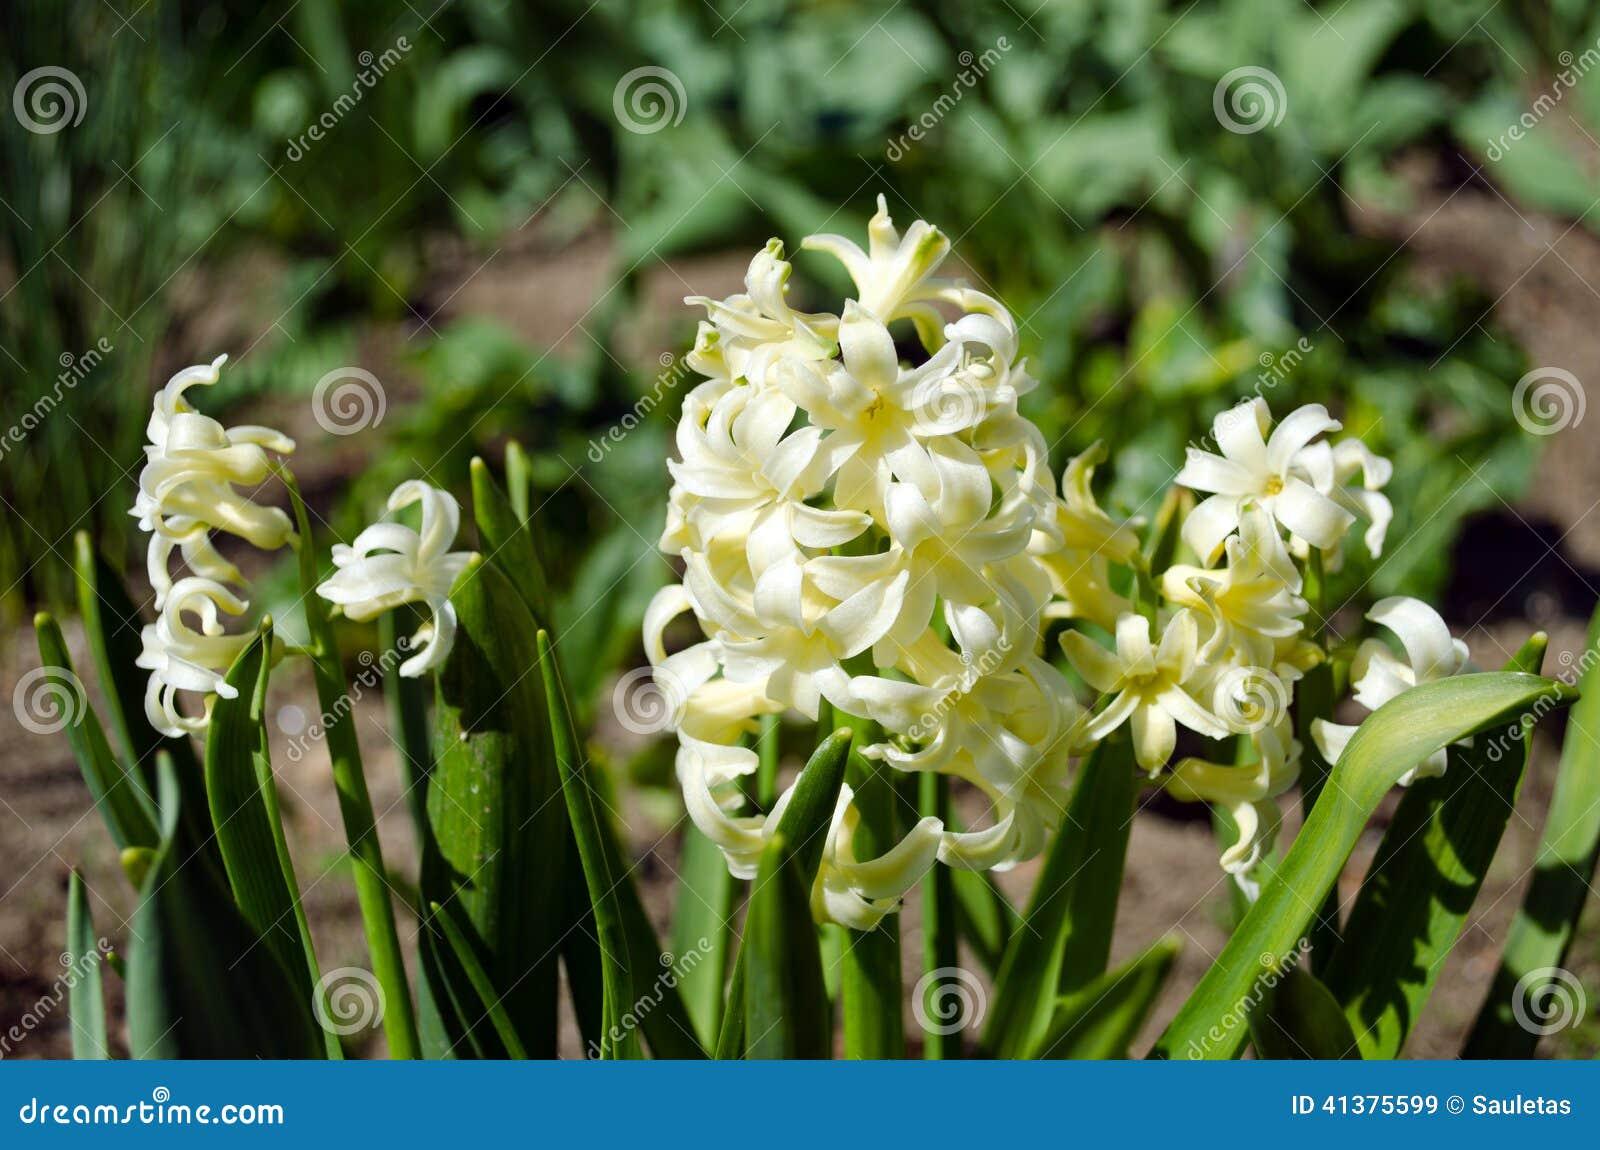 White spring flowers hyacinths in garden stock image image of white spring flowers hyacinths in garden mightylinksfo